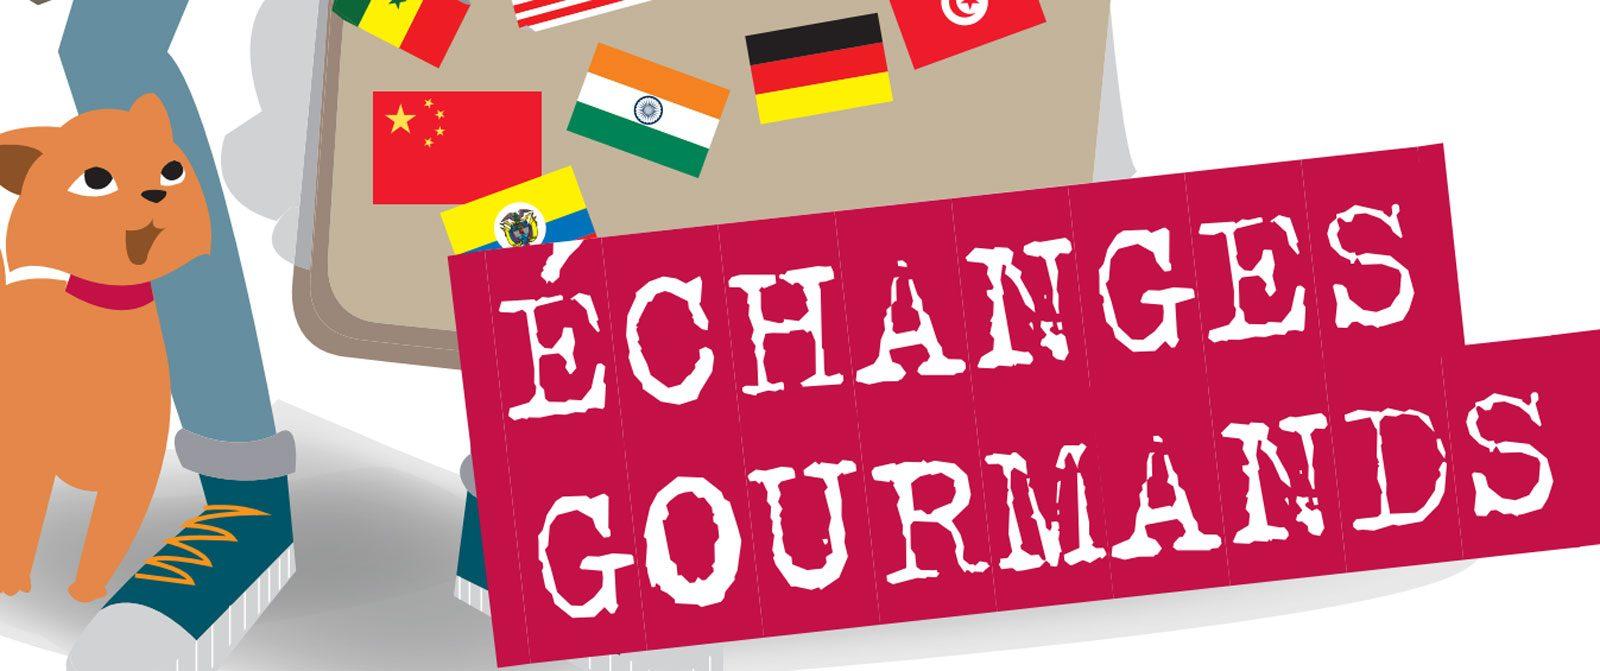 Echanges Gourmands à Metz Métropole : les inscriptions sont ouvertes